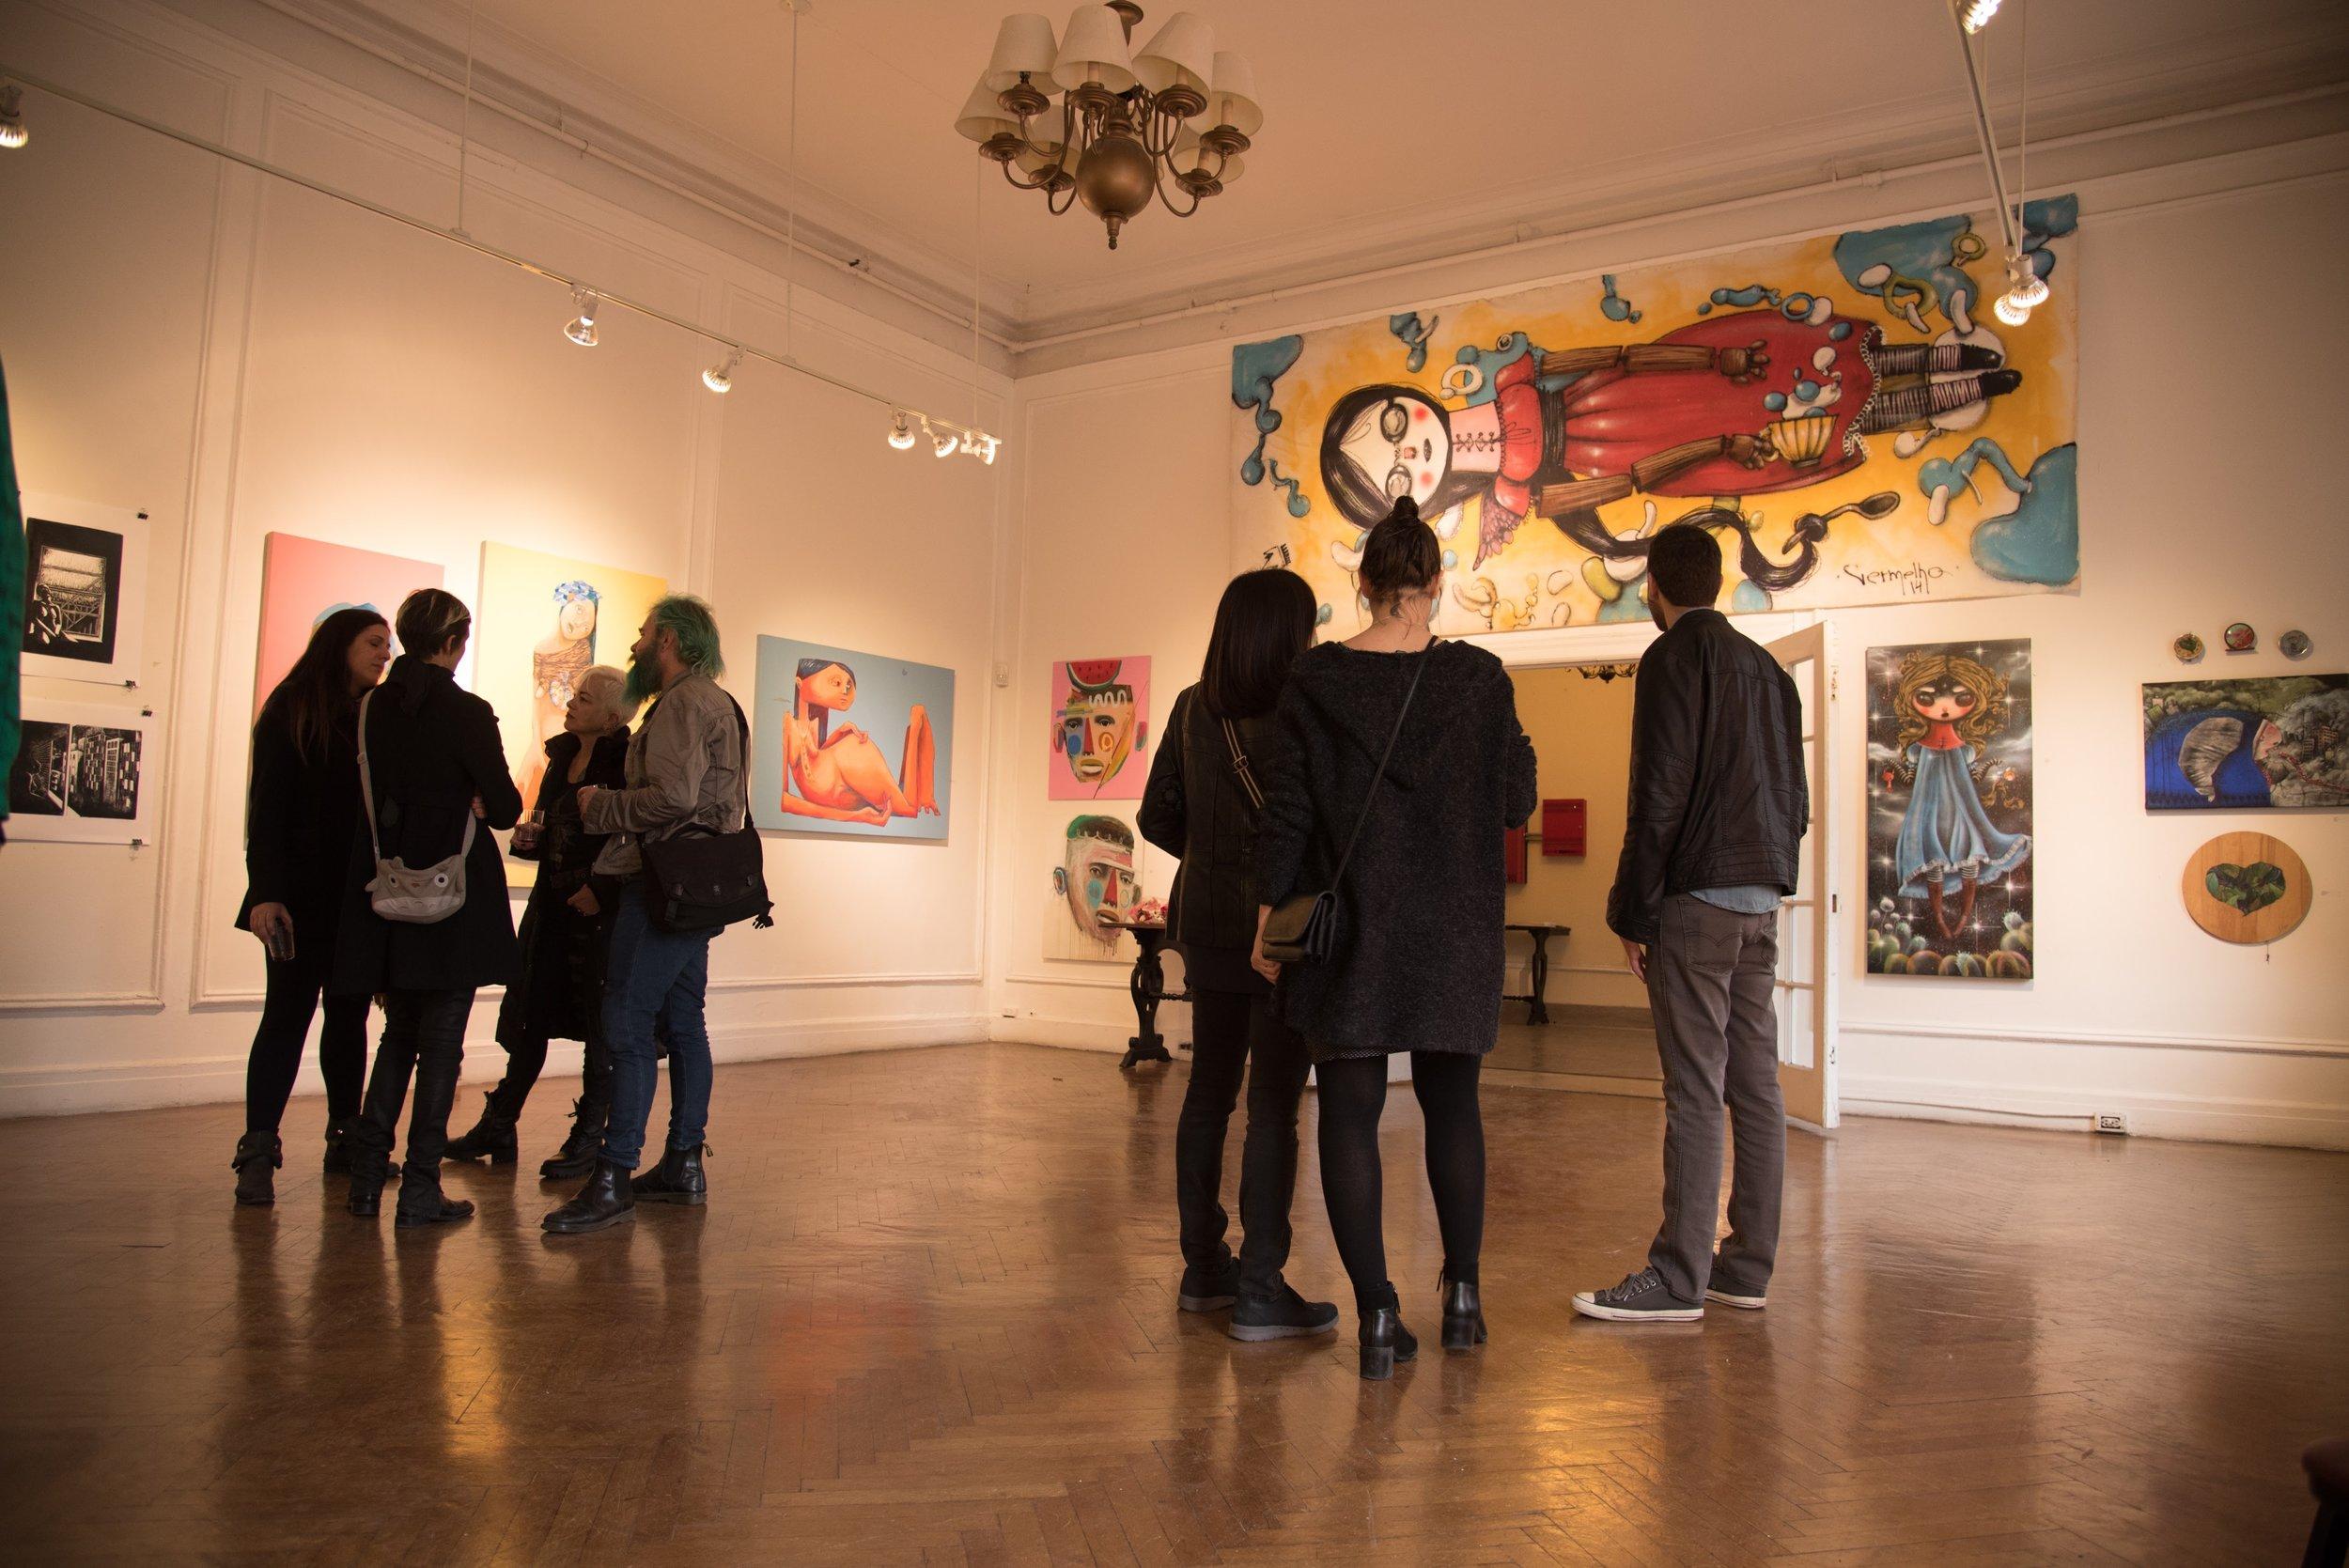 Memoir of an Art Gallery